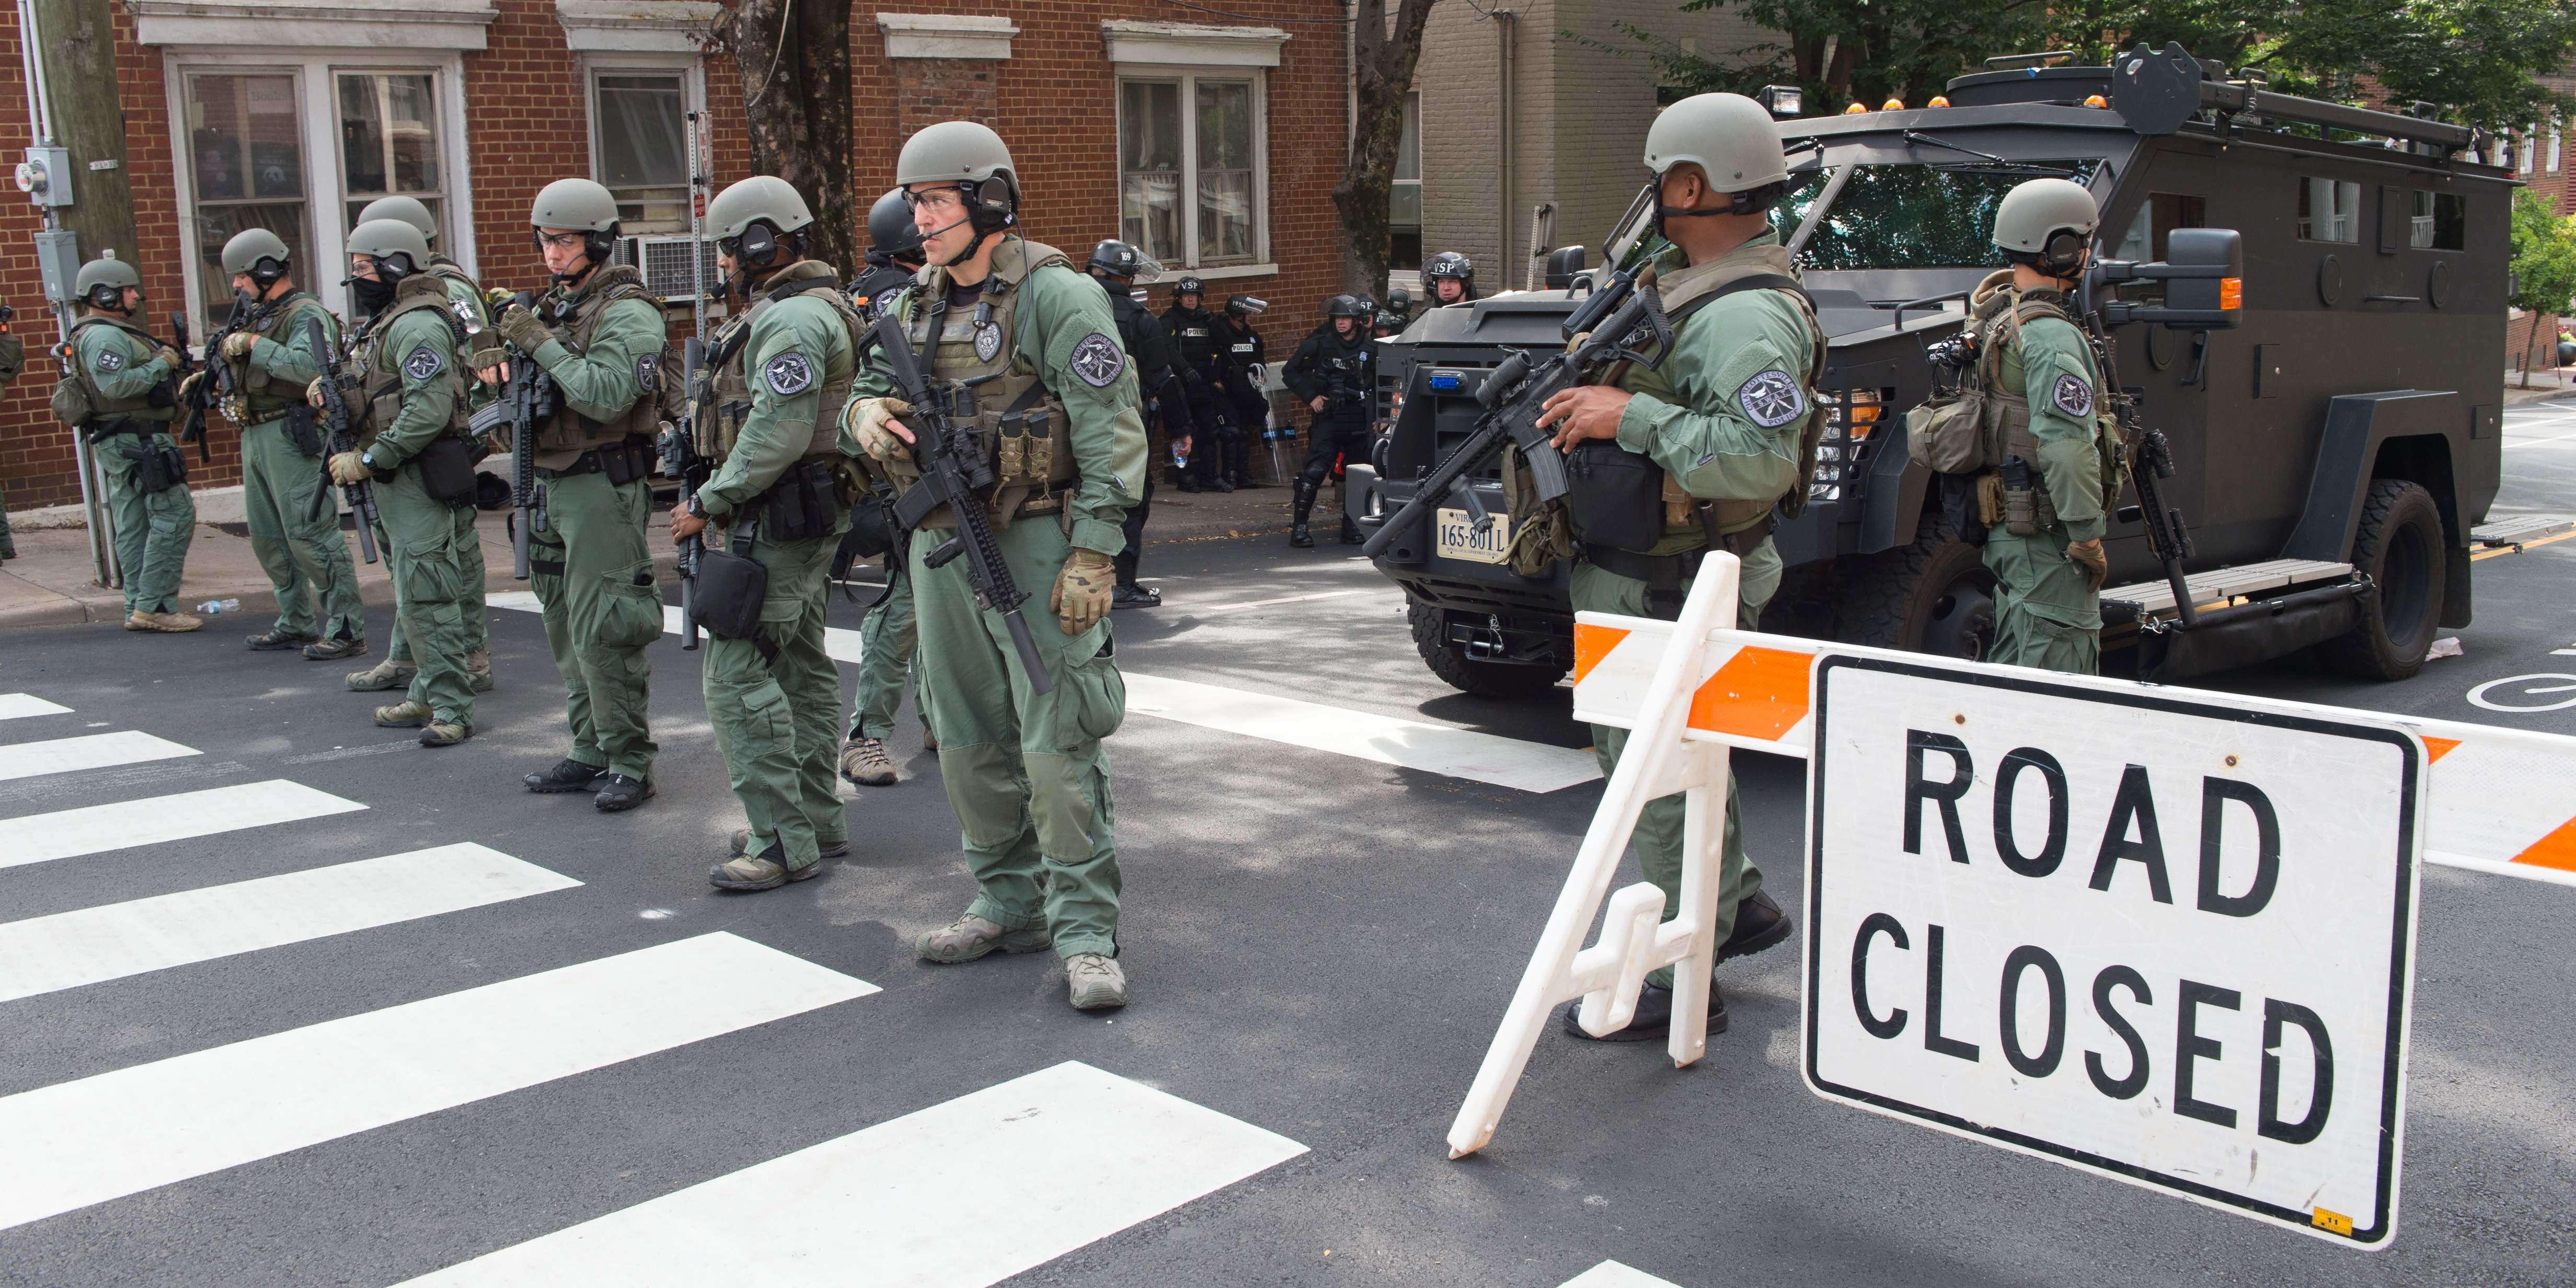 La police de Charlottesville tente de contenir les débordements des manifestations suprémacistes et antiracistes qui se font face dans la ville.